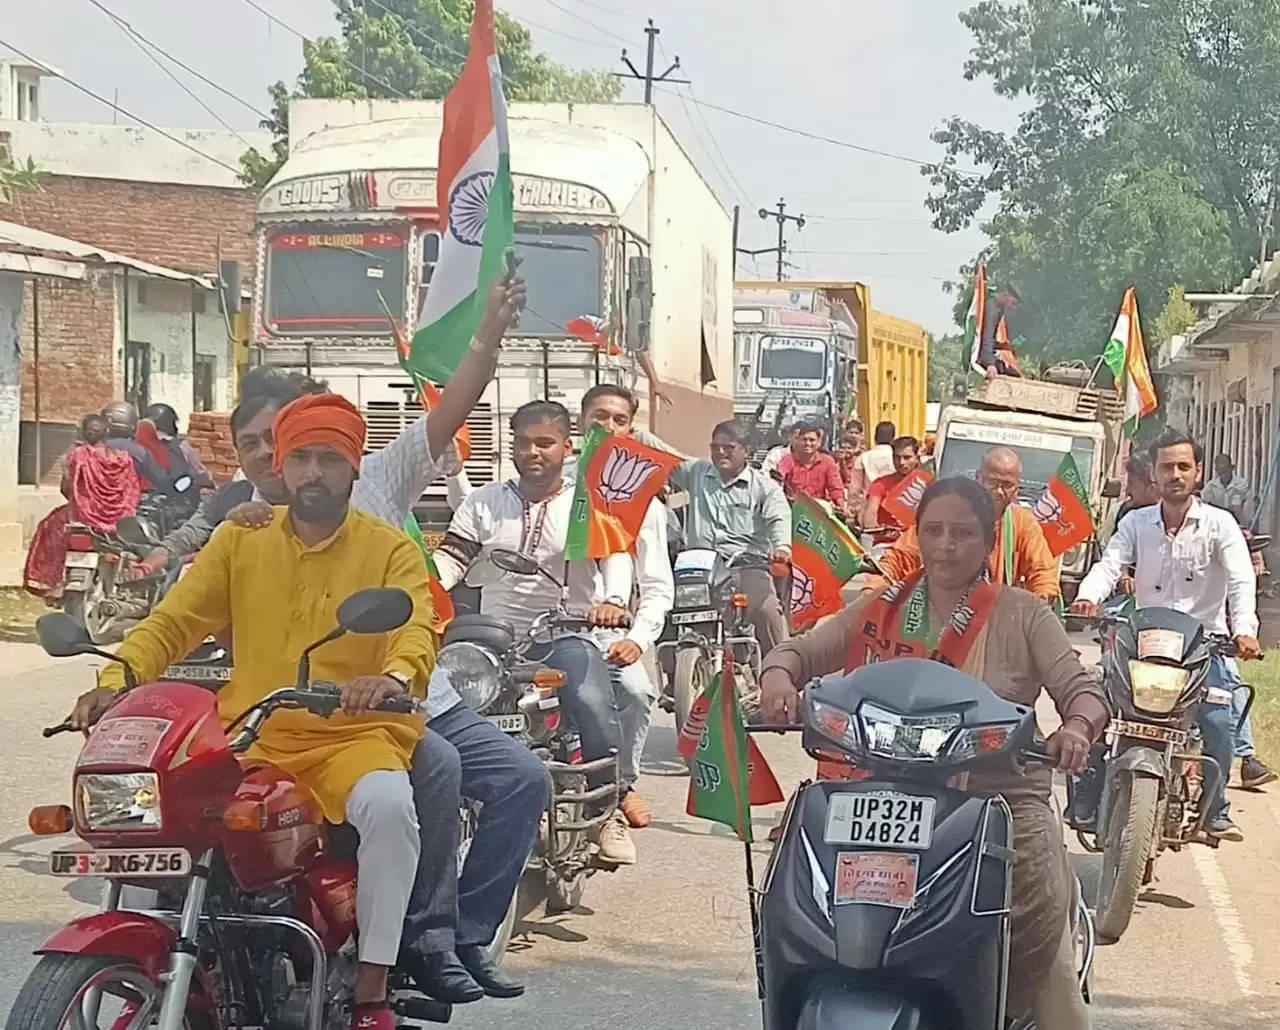 उन्नाव -भाजपा कार्यकर्ताओं ने निकाली तिरंगा यात्रा